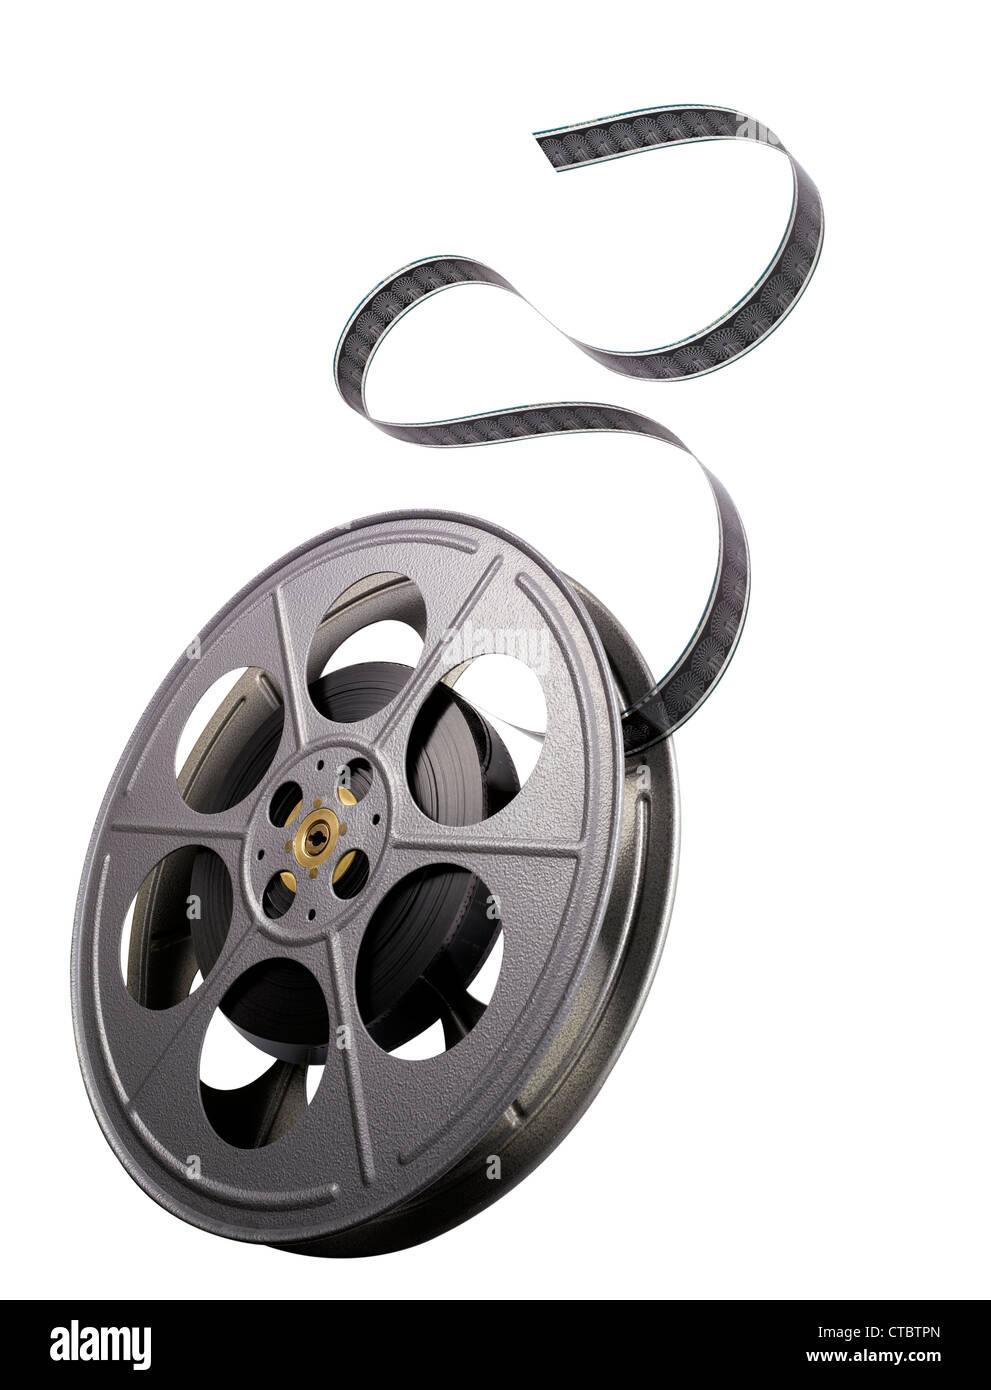 Una tradizionale pellicola 35mm stelo. Immagini Stock